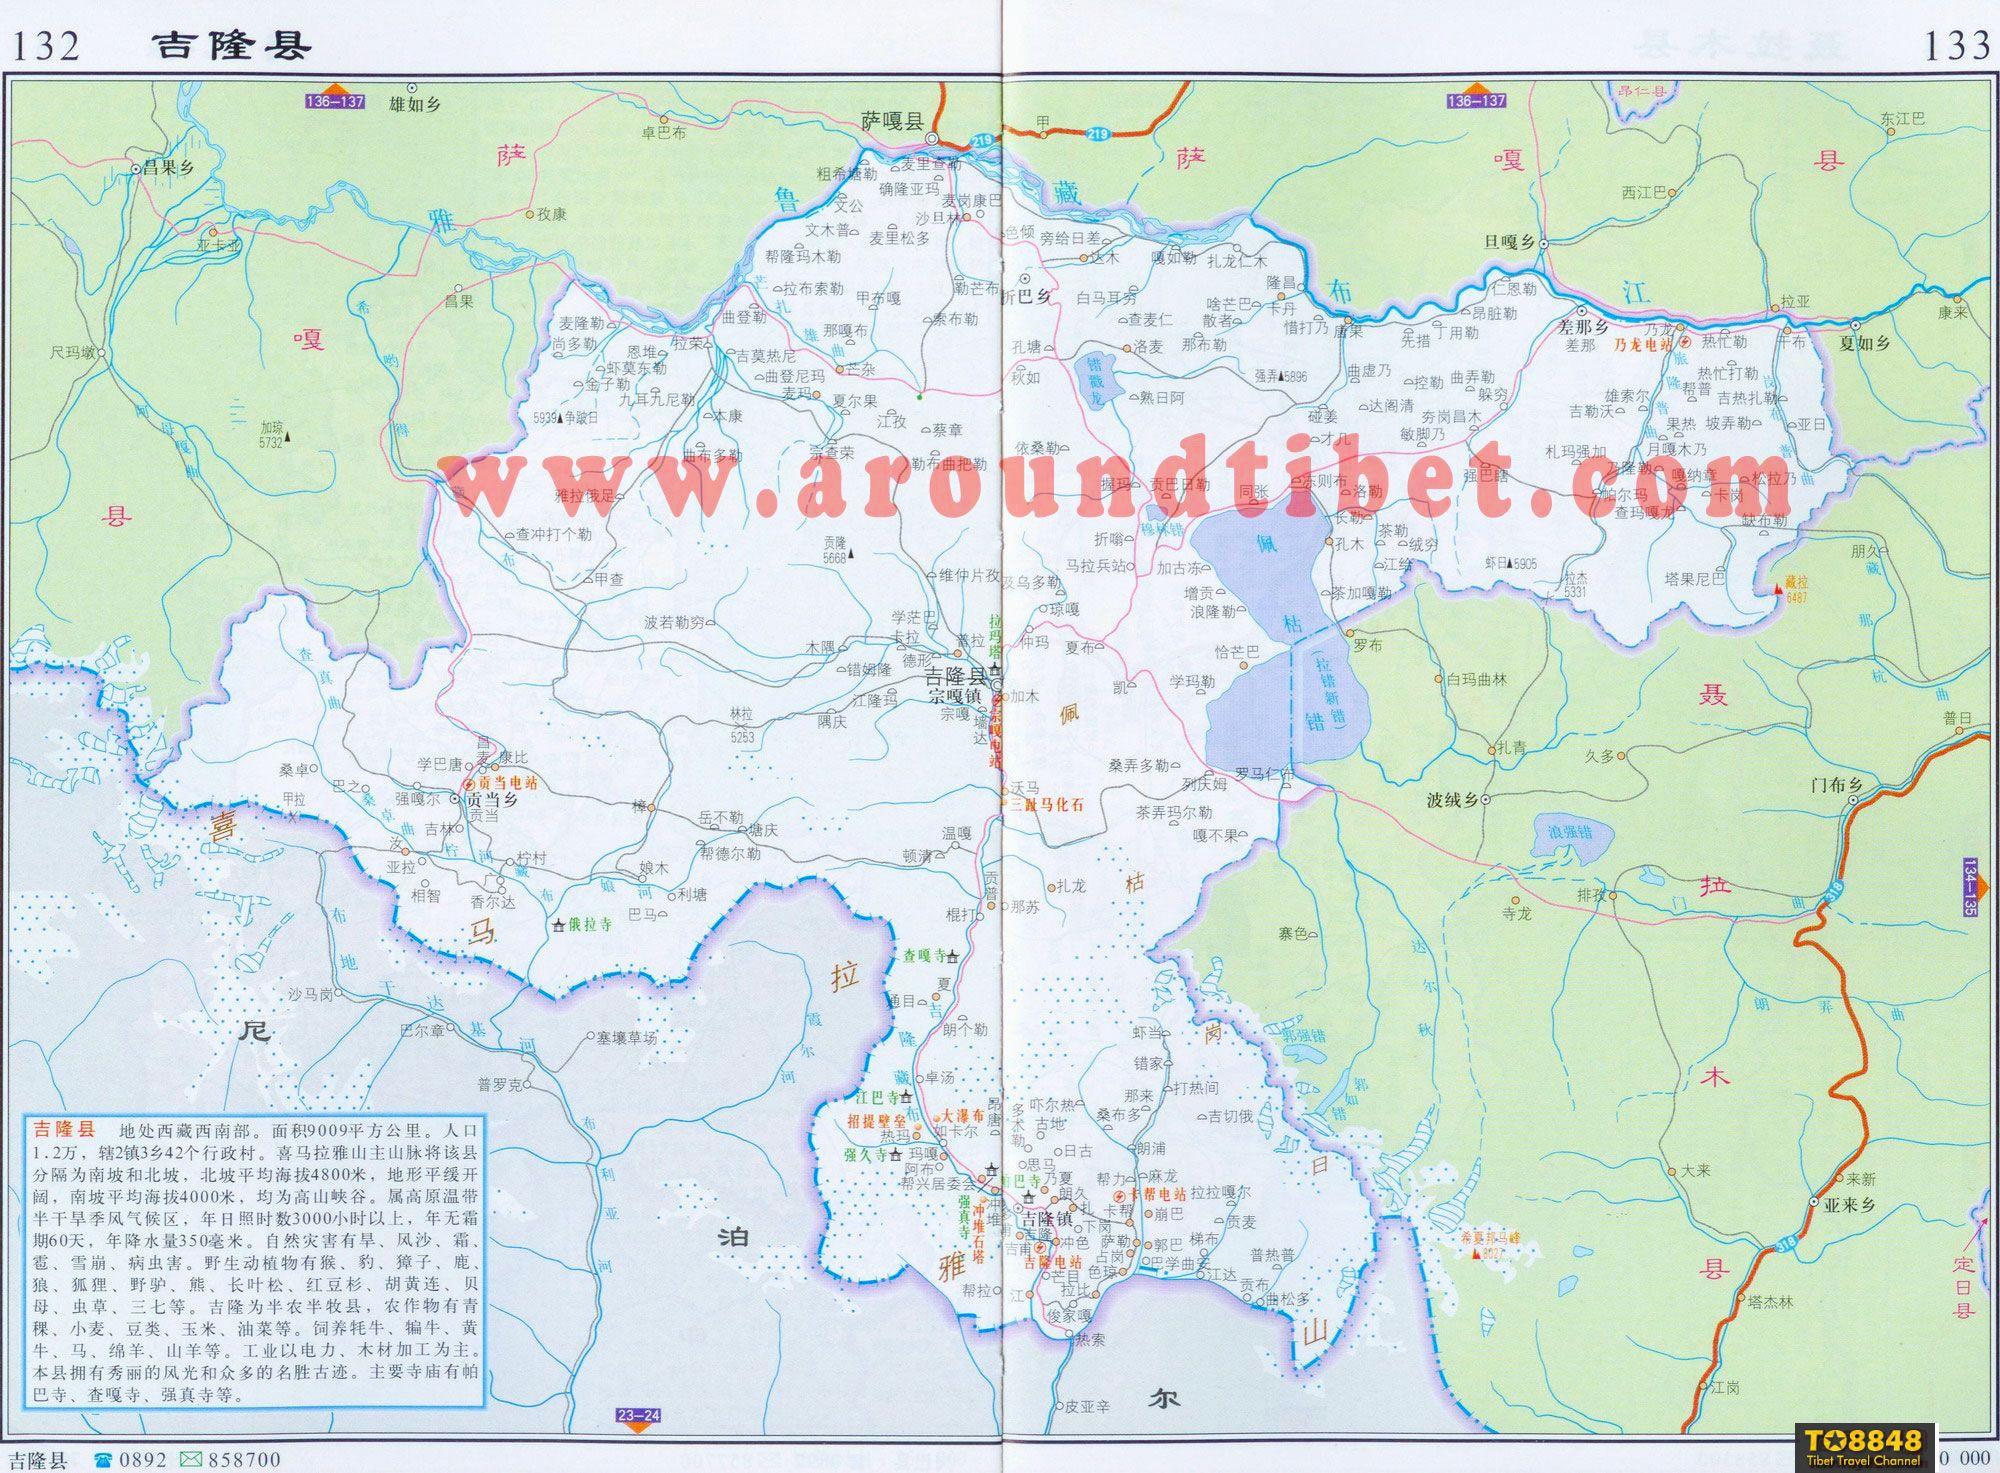 西藏阿里南北环线交通地图 西藏地图 中文版 西藏  西藏曲水县地图